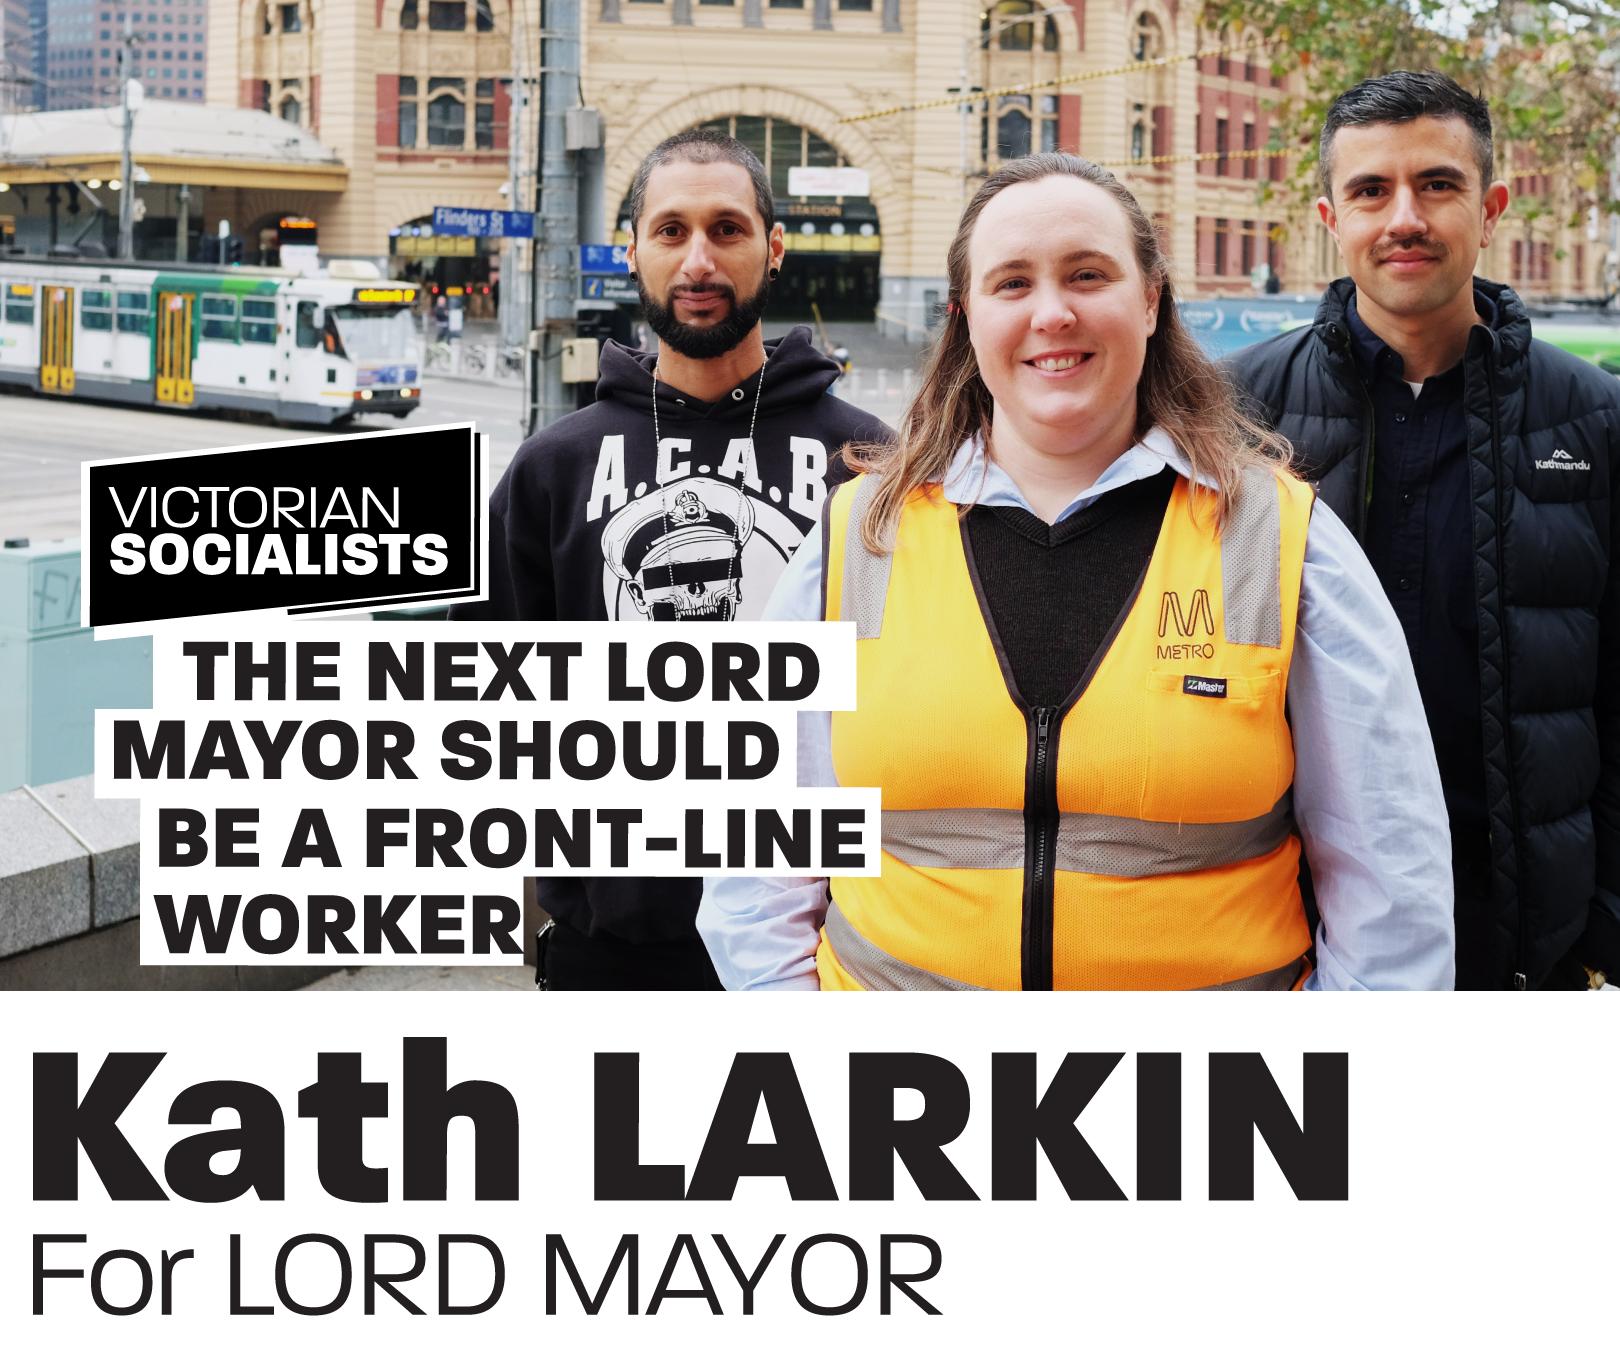 Kath Larkin